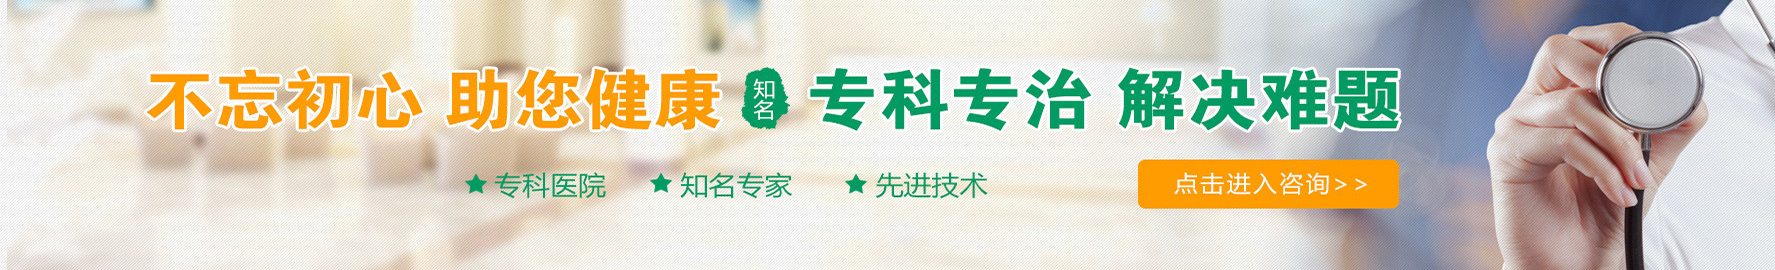 北京银屑病中医医院